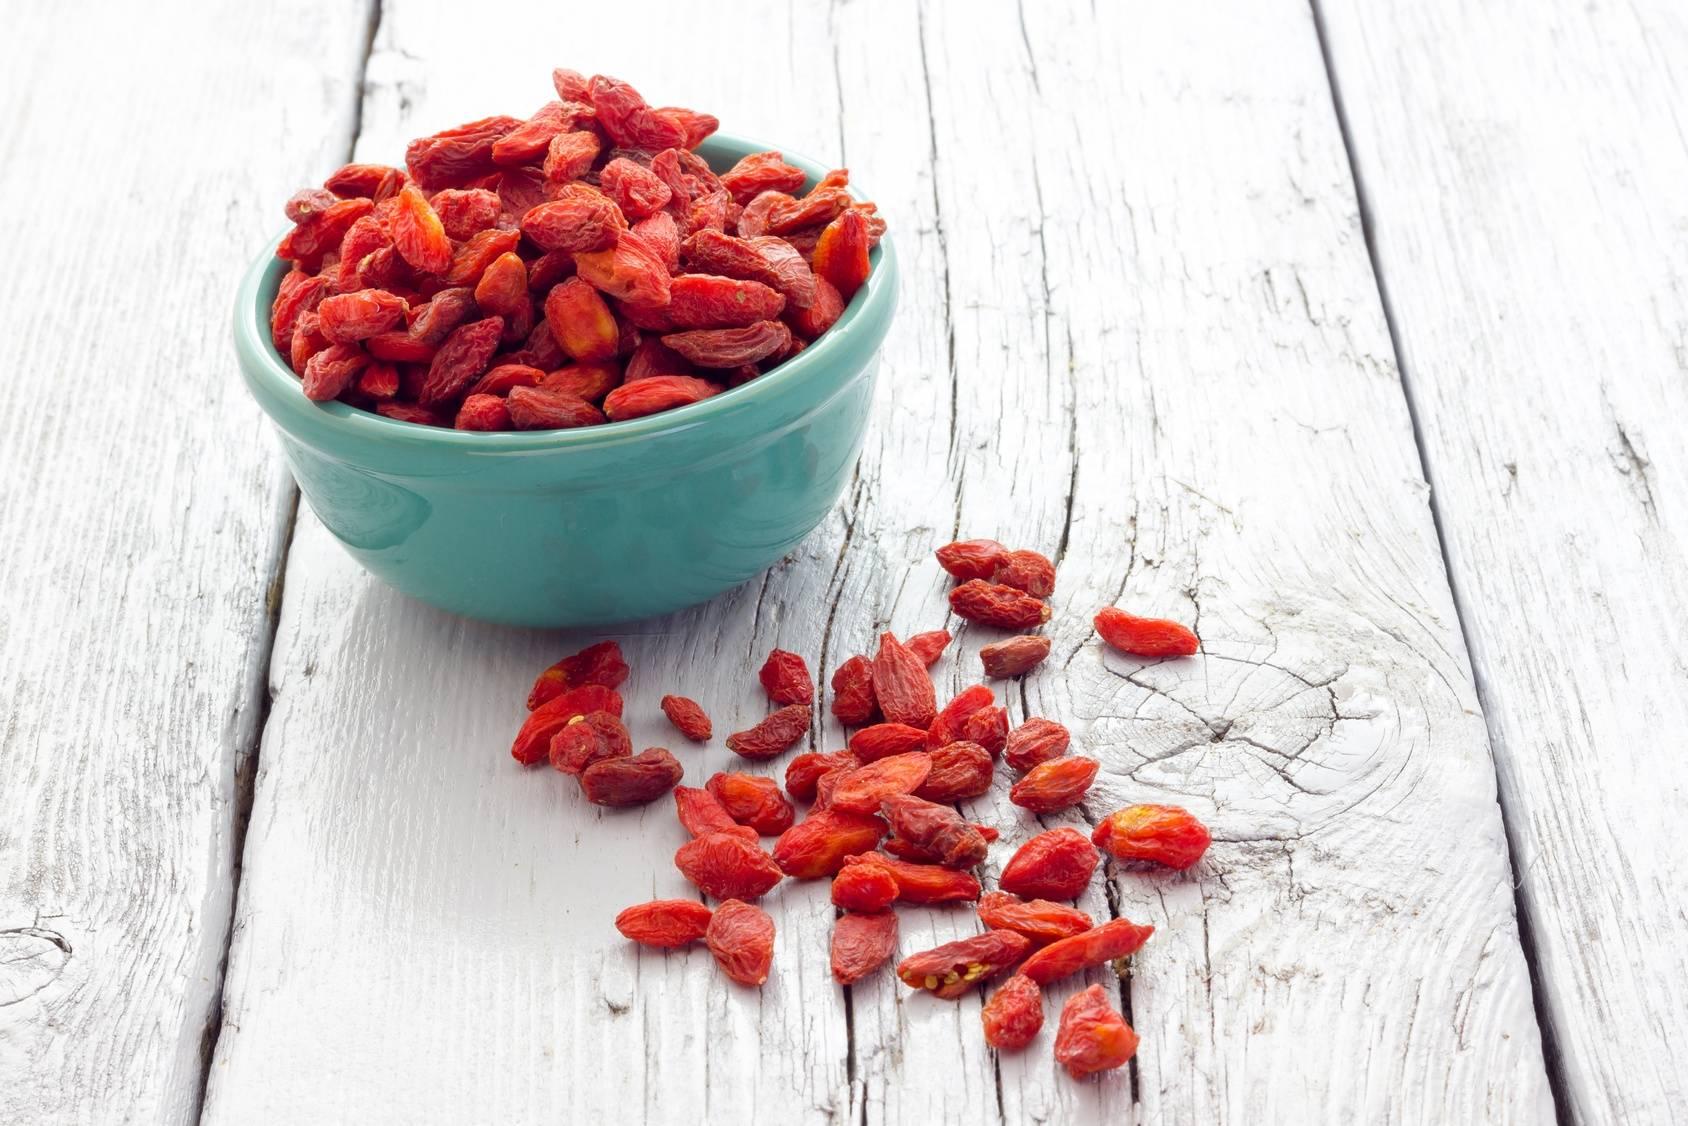 Jagody goji - dlaczego nie powinno się ich jeść zbyt dużo?